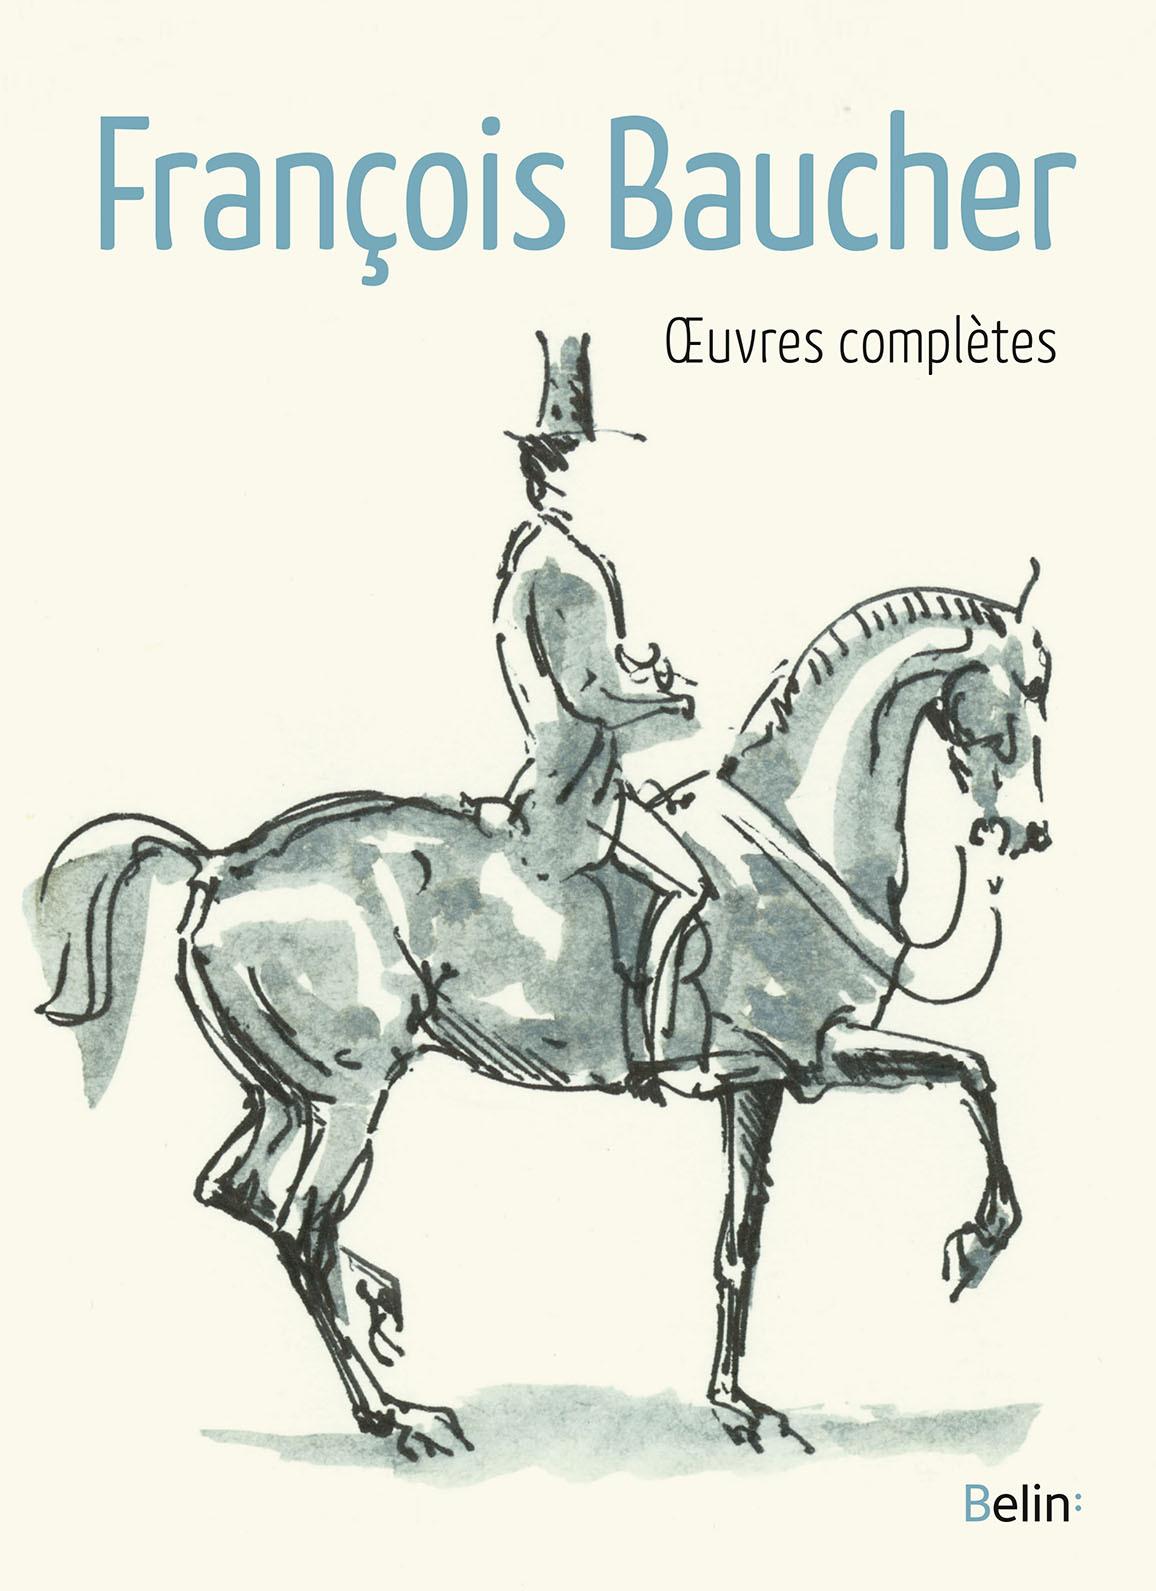 OEUVRES COMPLETES DE FRANCOIS BAUCHER